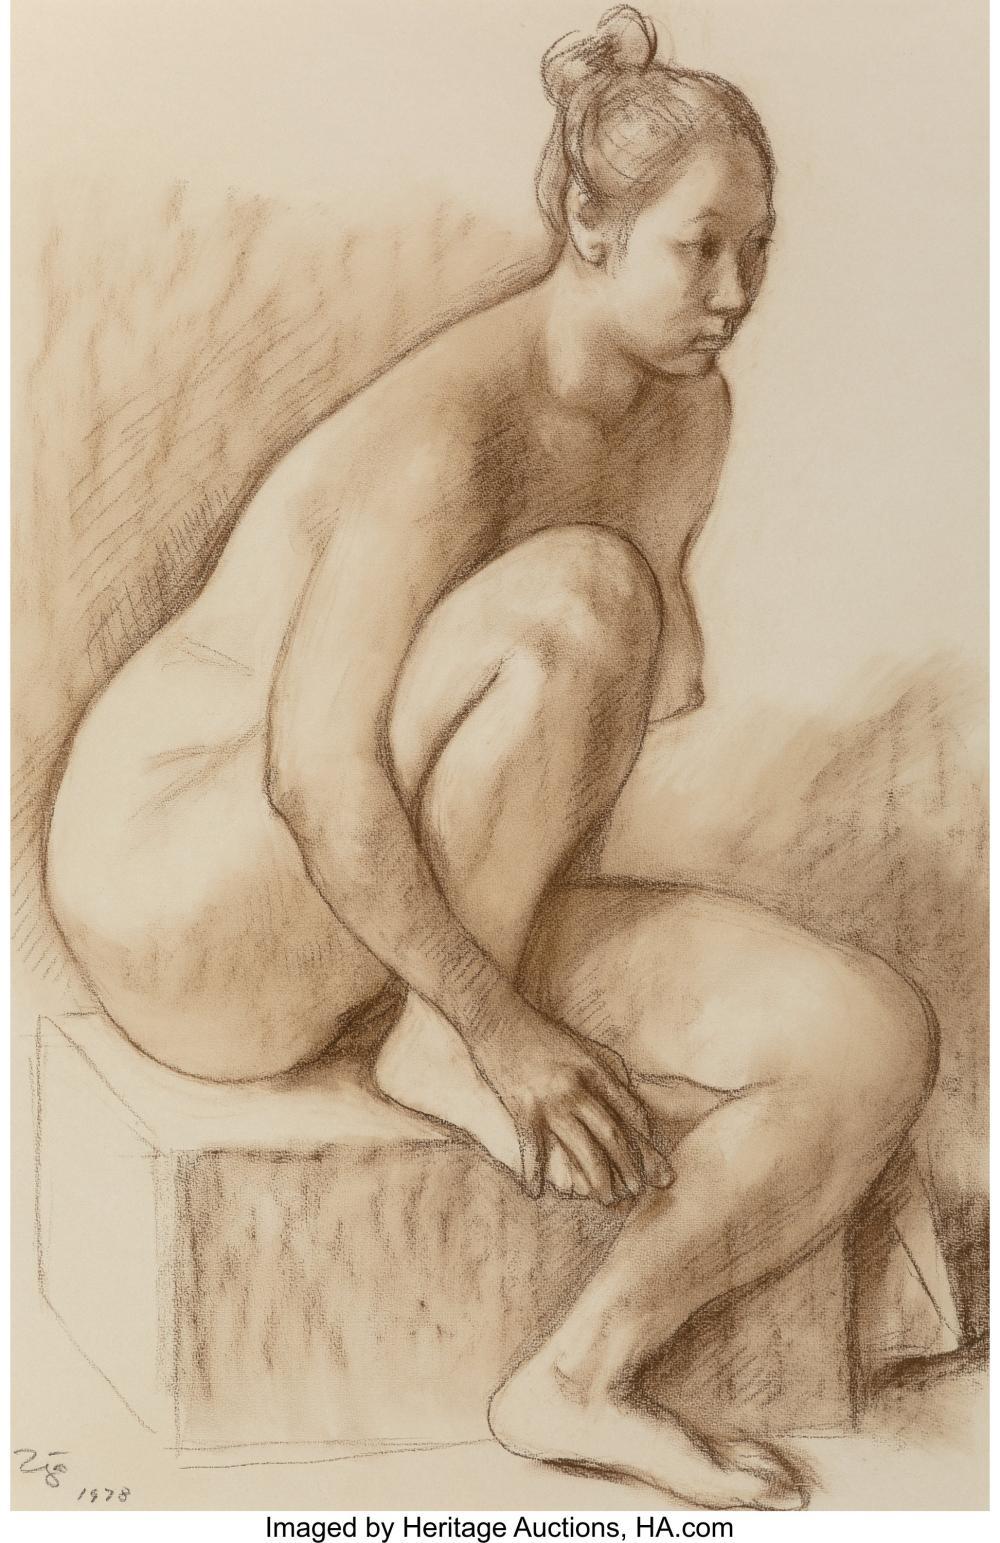 Lot 21011: Francisco Zúñiga (Mexican, 1912-1998) Desnudo sentado, 1978 Sepia crayon on Ingr